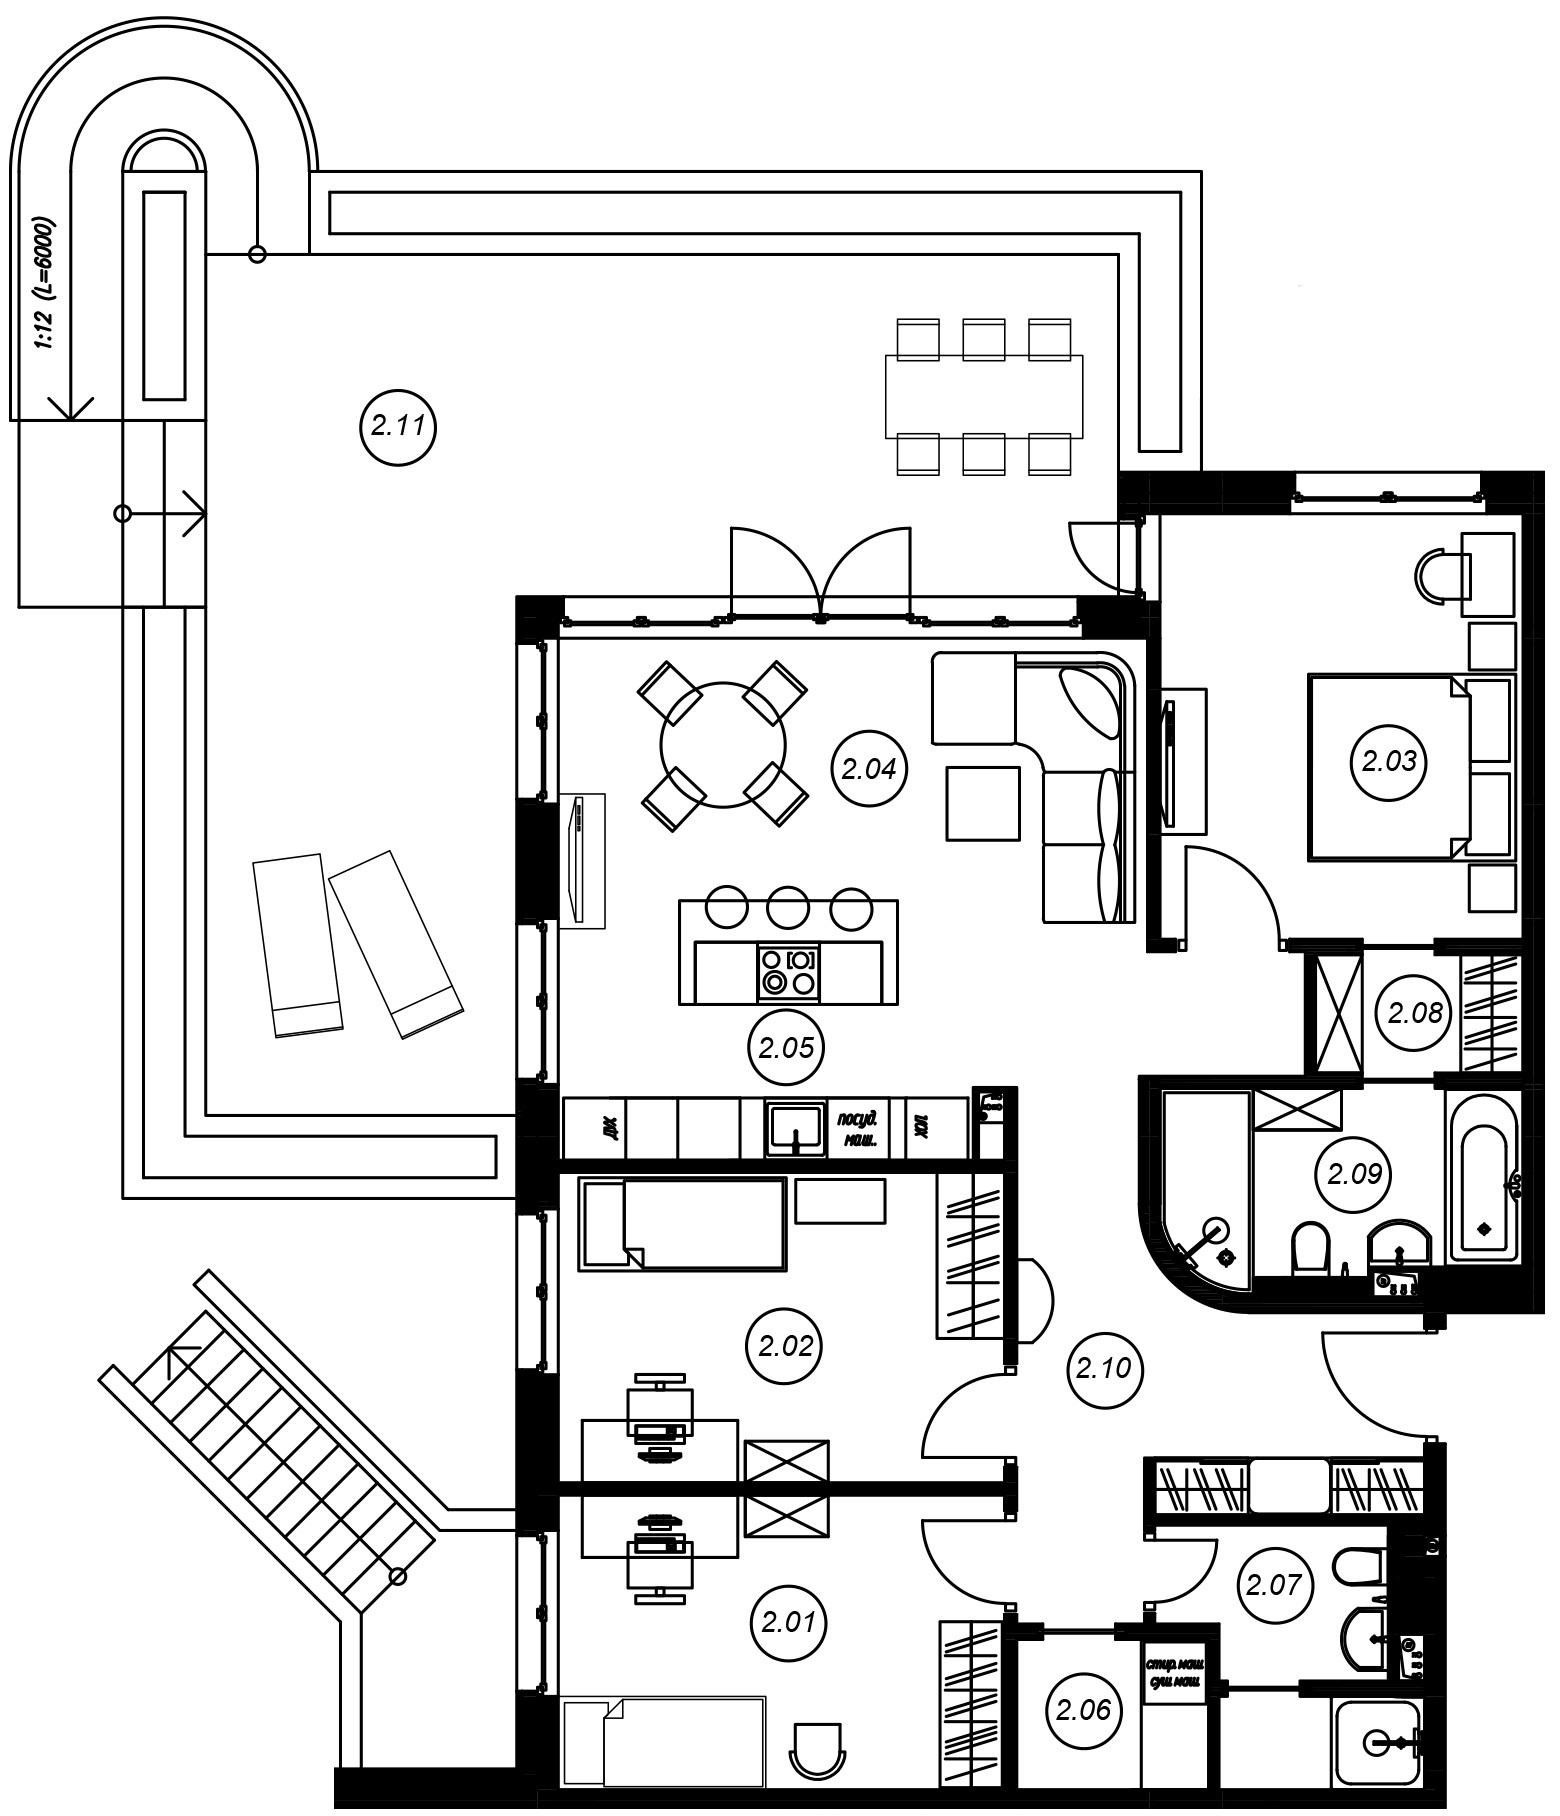 4-комнатная 140 м<sup>2</sup> на 1 этаже